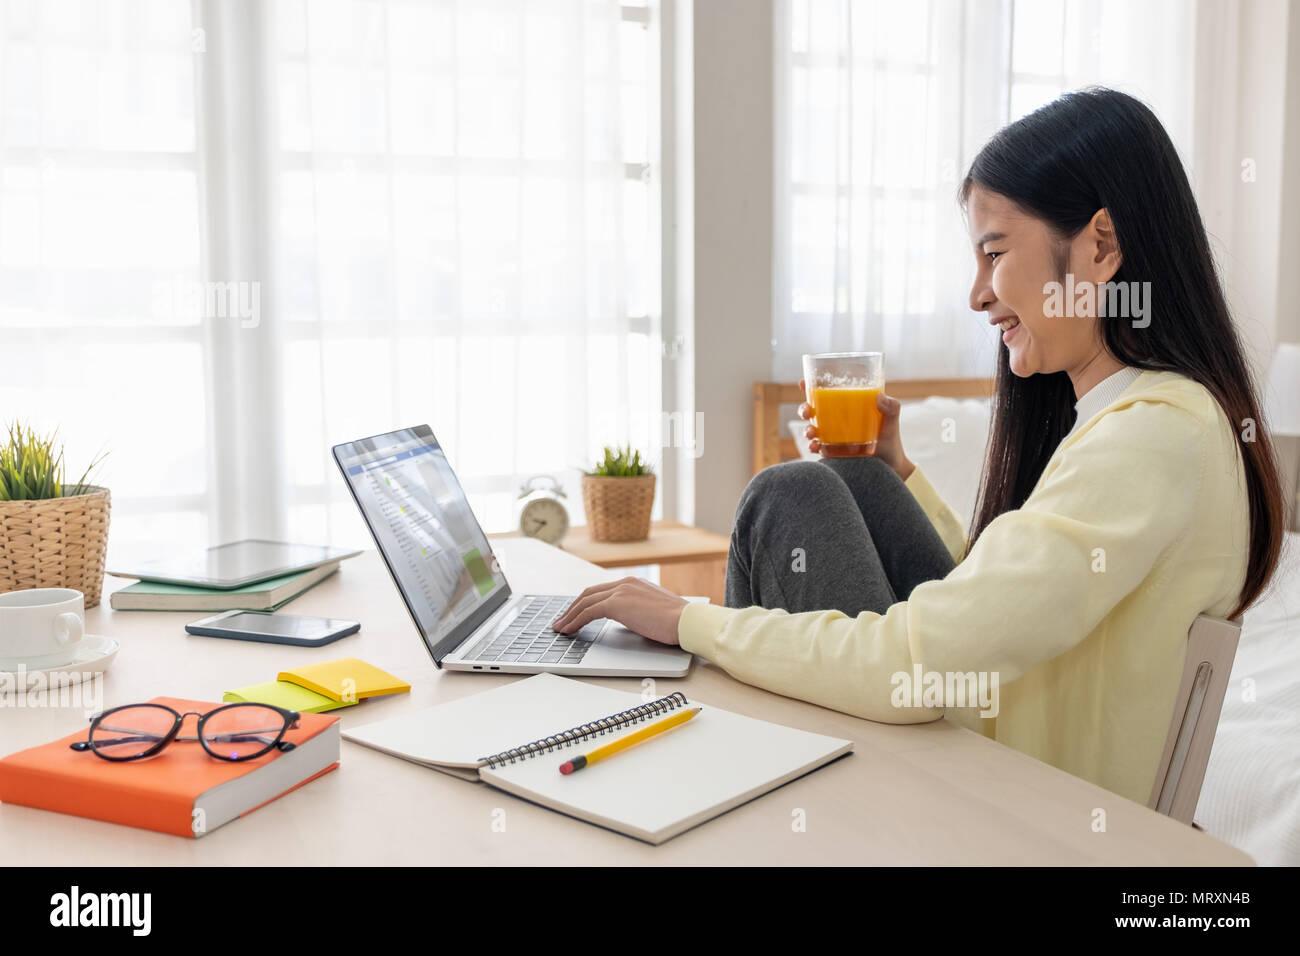 Femme d'origine asiatique s'asseoir genoux jusqu'utiliser les médias sociaux avec un ordinateur portable sur la table et de prendre un verre de jus d'orange dans la chambre à la maison.Travail à domicile travail à domicile.concept.rel Photo Stock